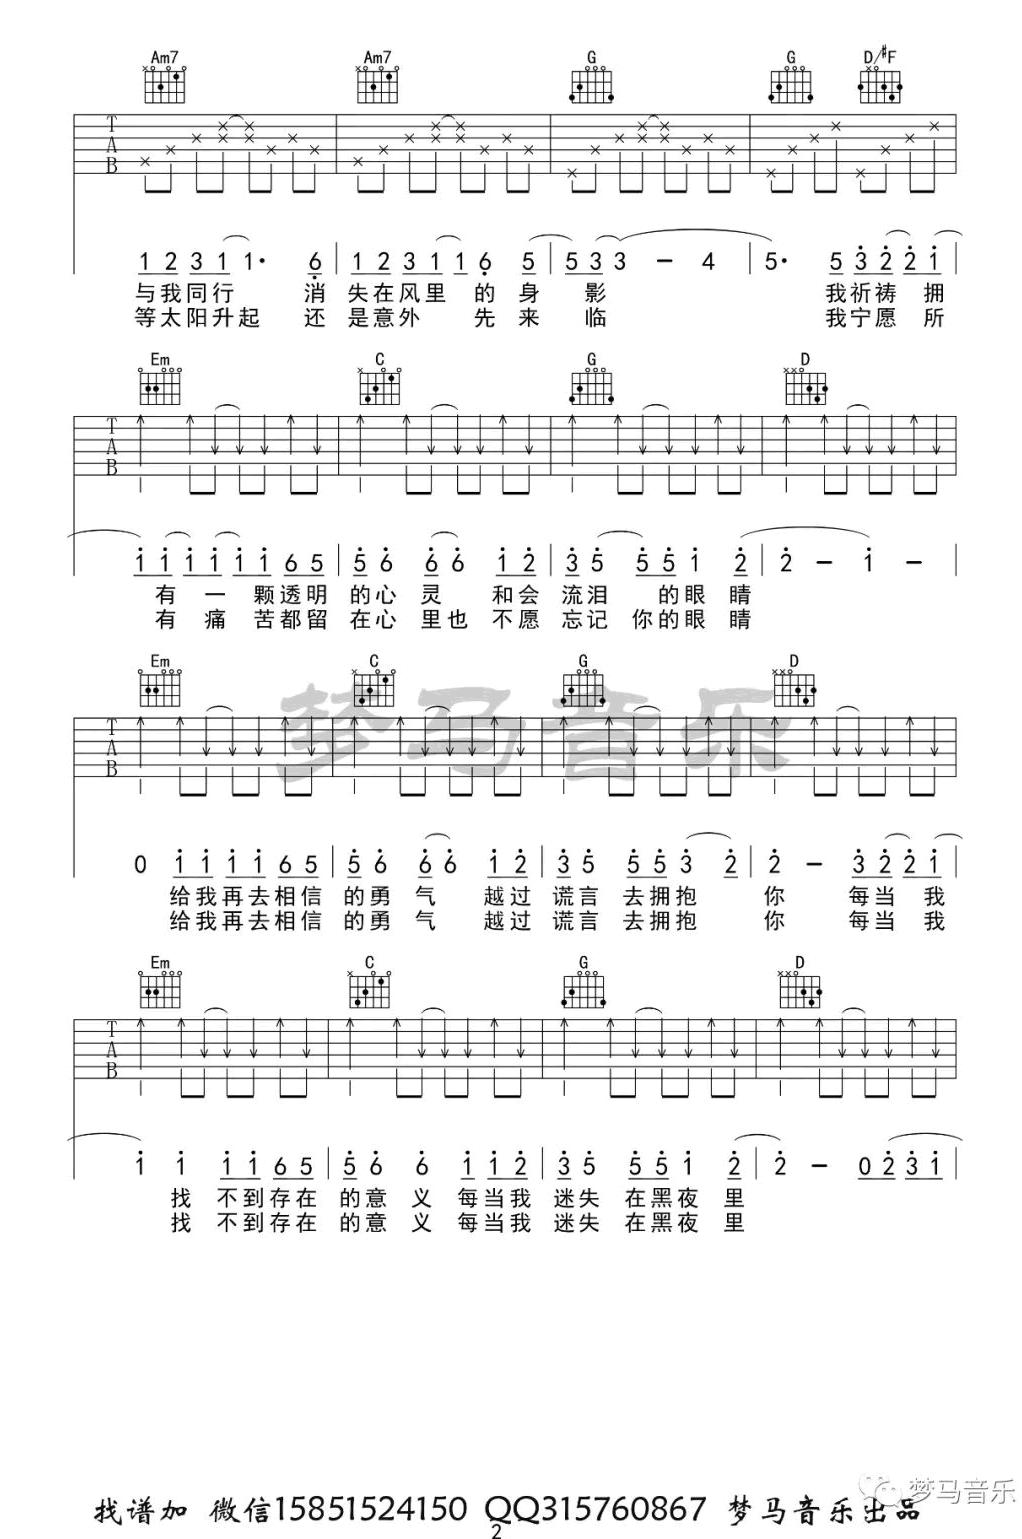 逃跑计划-夜空中最亮的星吉他谱-2